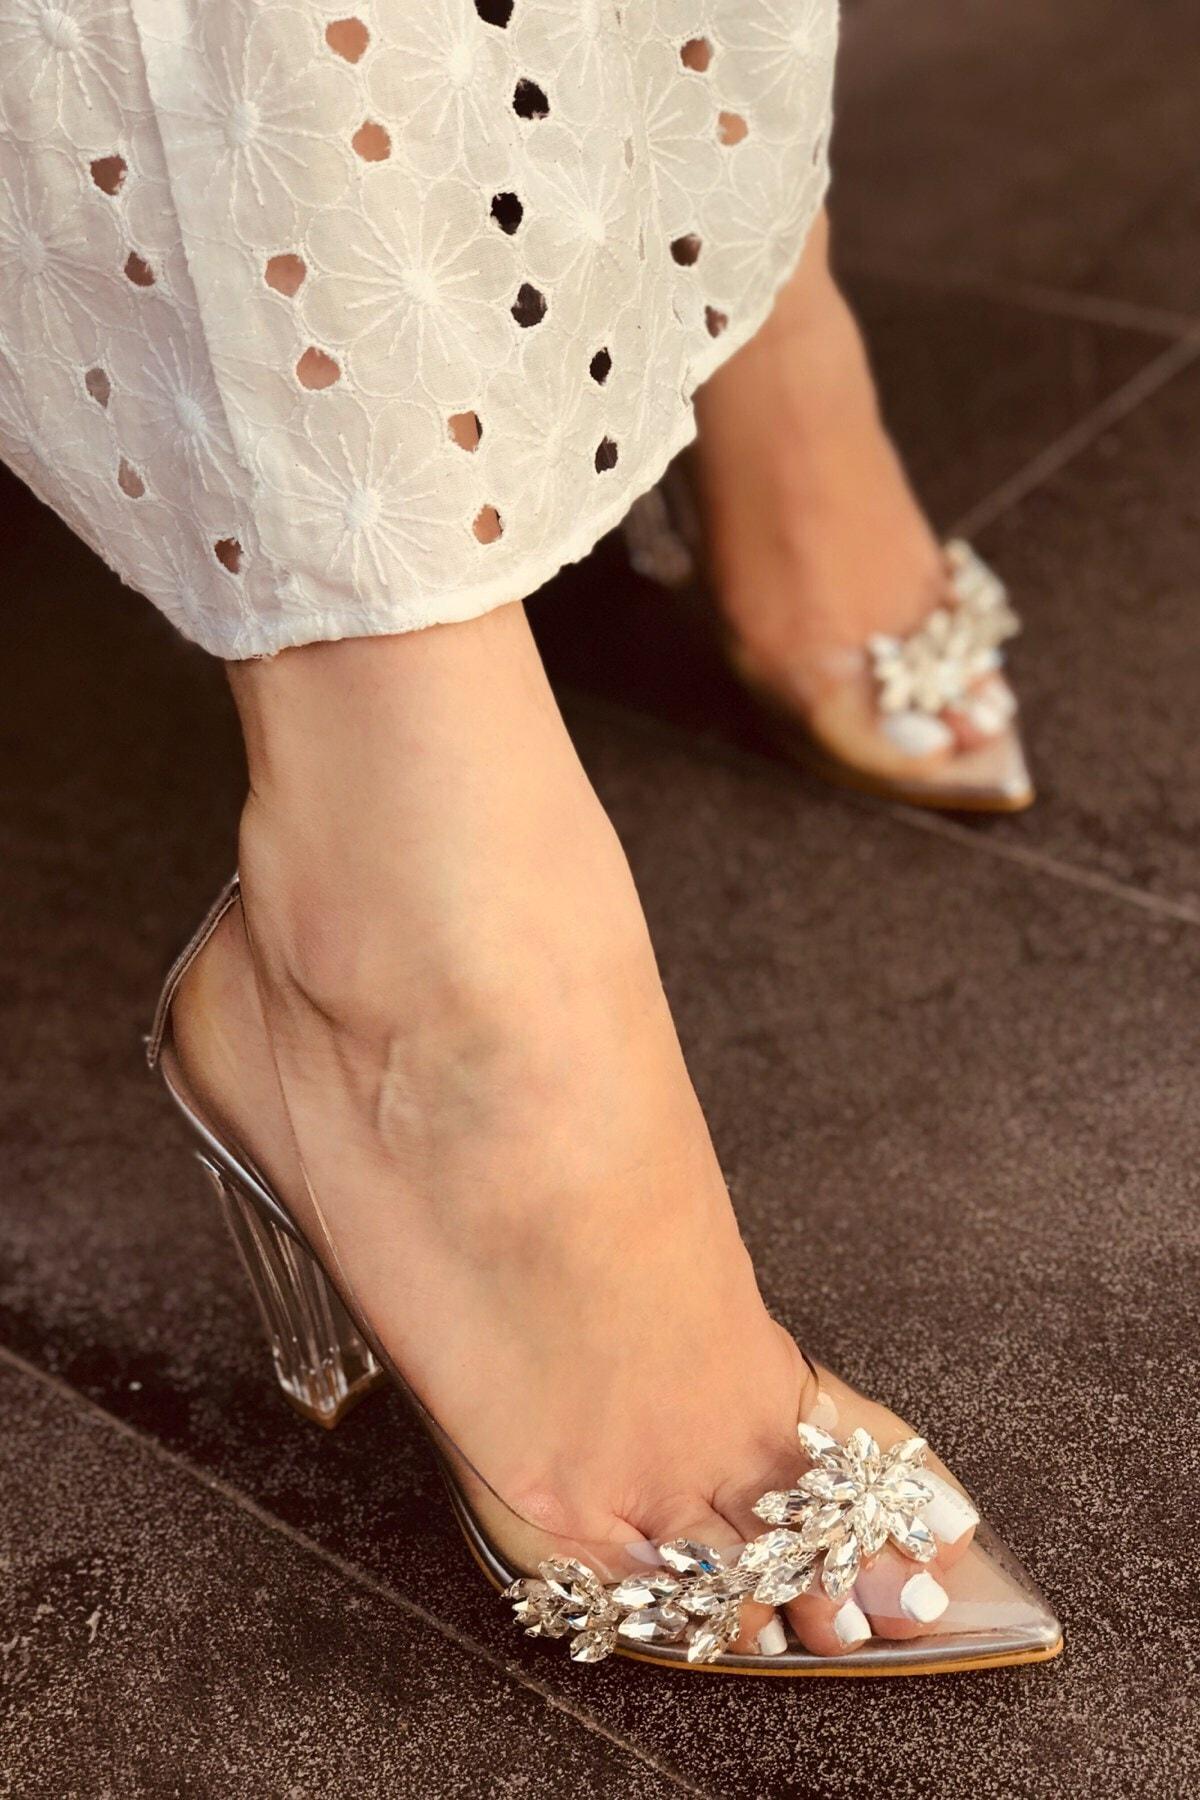 LAMİNTA Princess Gümüş Şeffaf Kadın Topuklu Ayakkabı 2